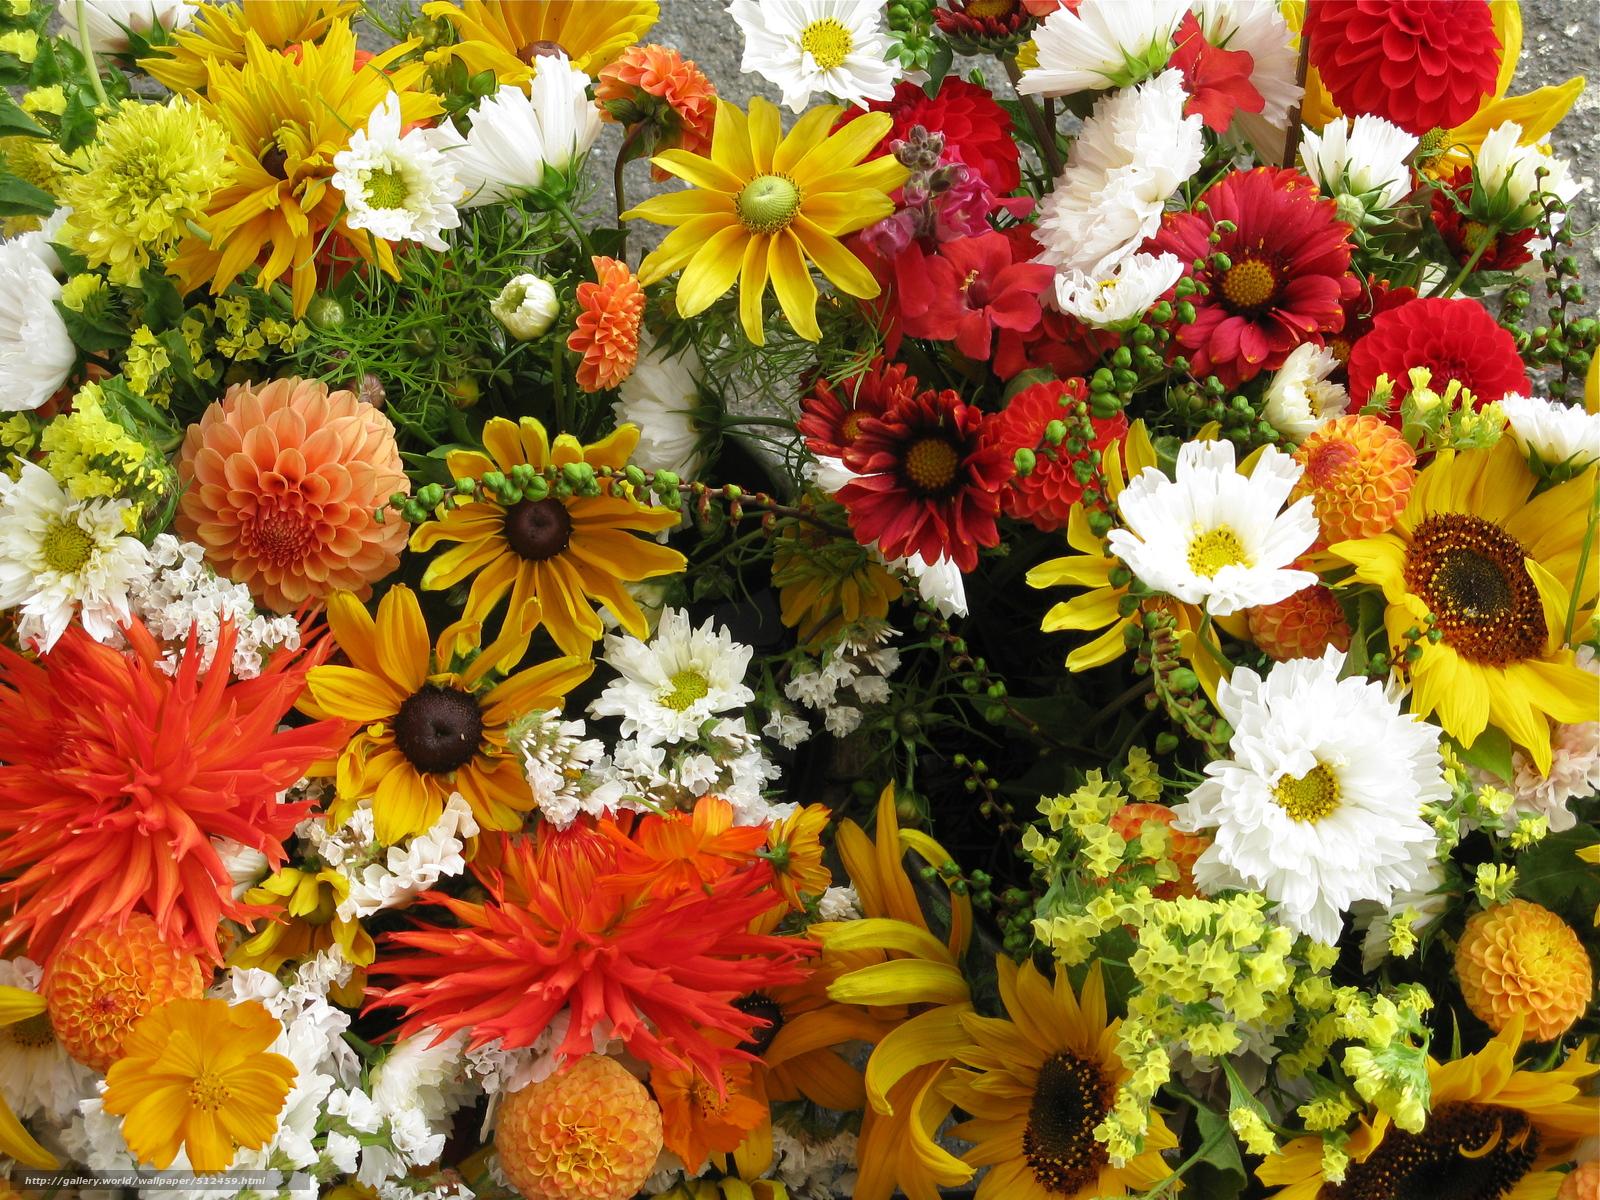 tlcharger fond d 39 ecran fleurs parterre de fleurs nature fonds d 39 ecran gratuits pour votre. Black Bedroom Furniture Sets. Home Design Ideas